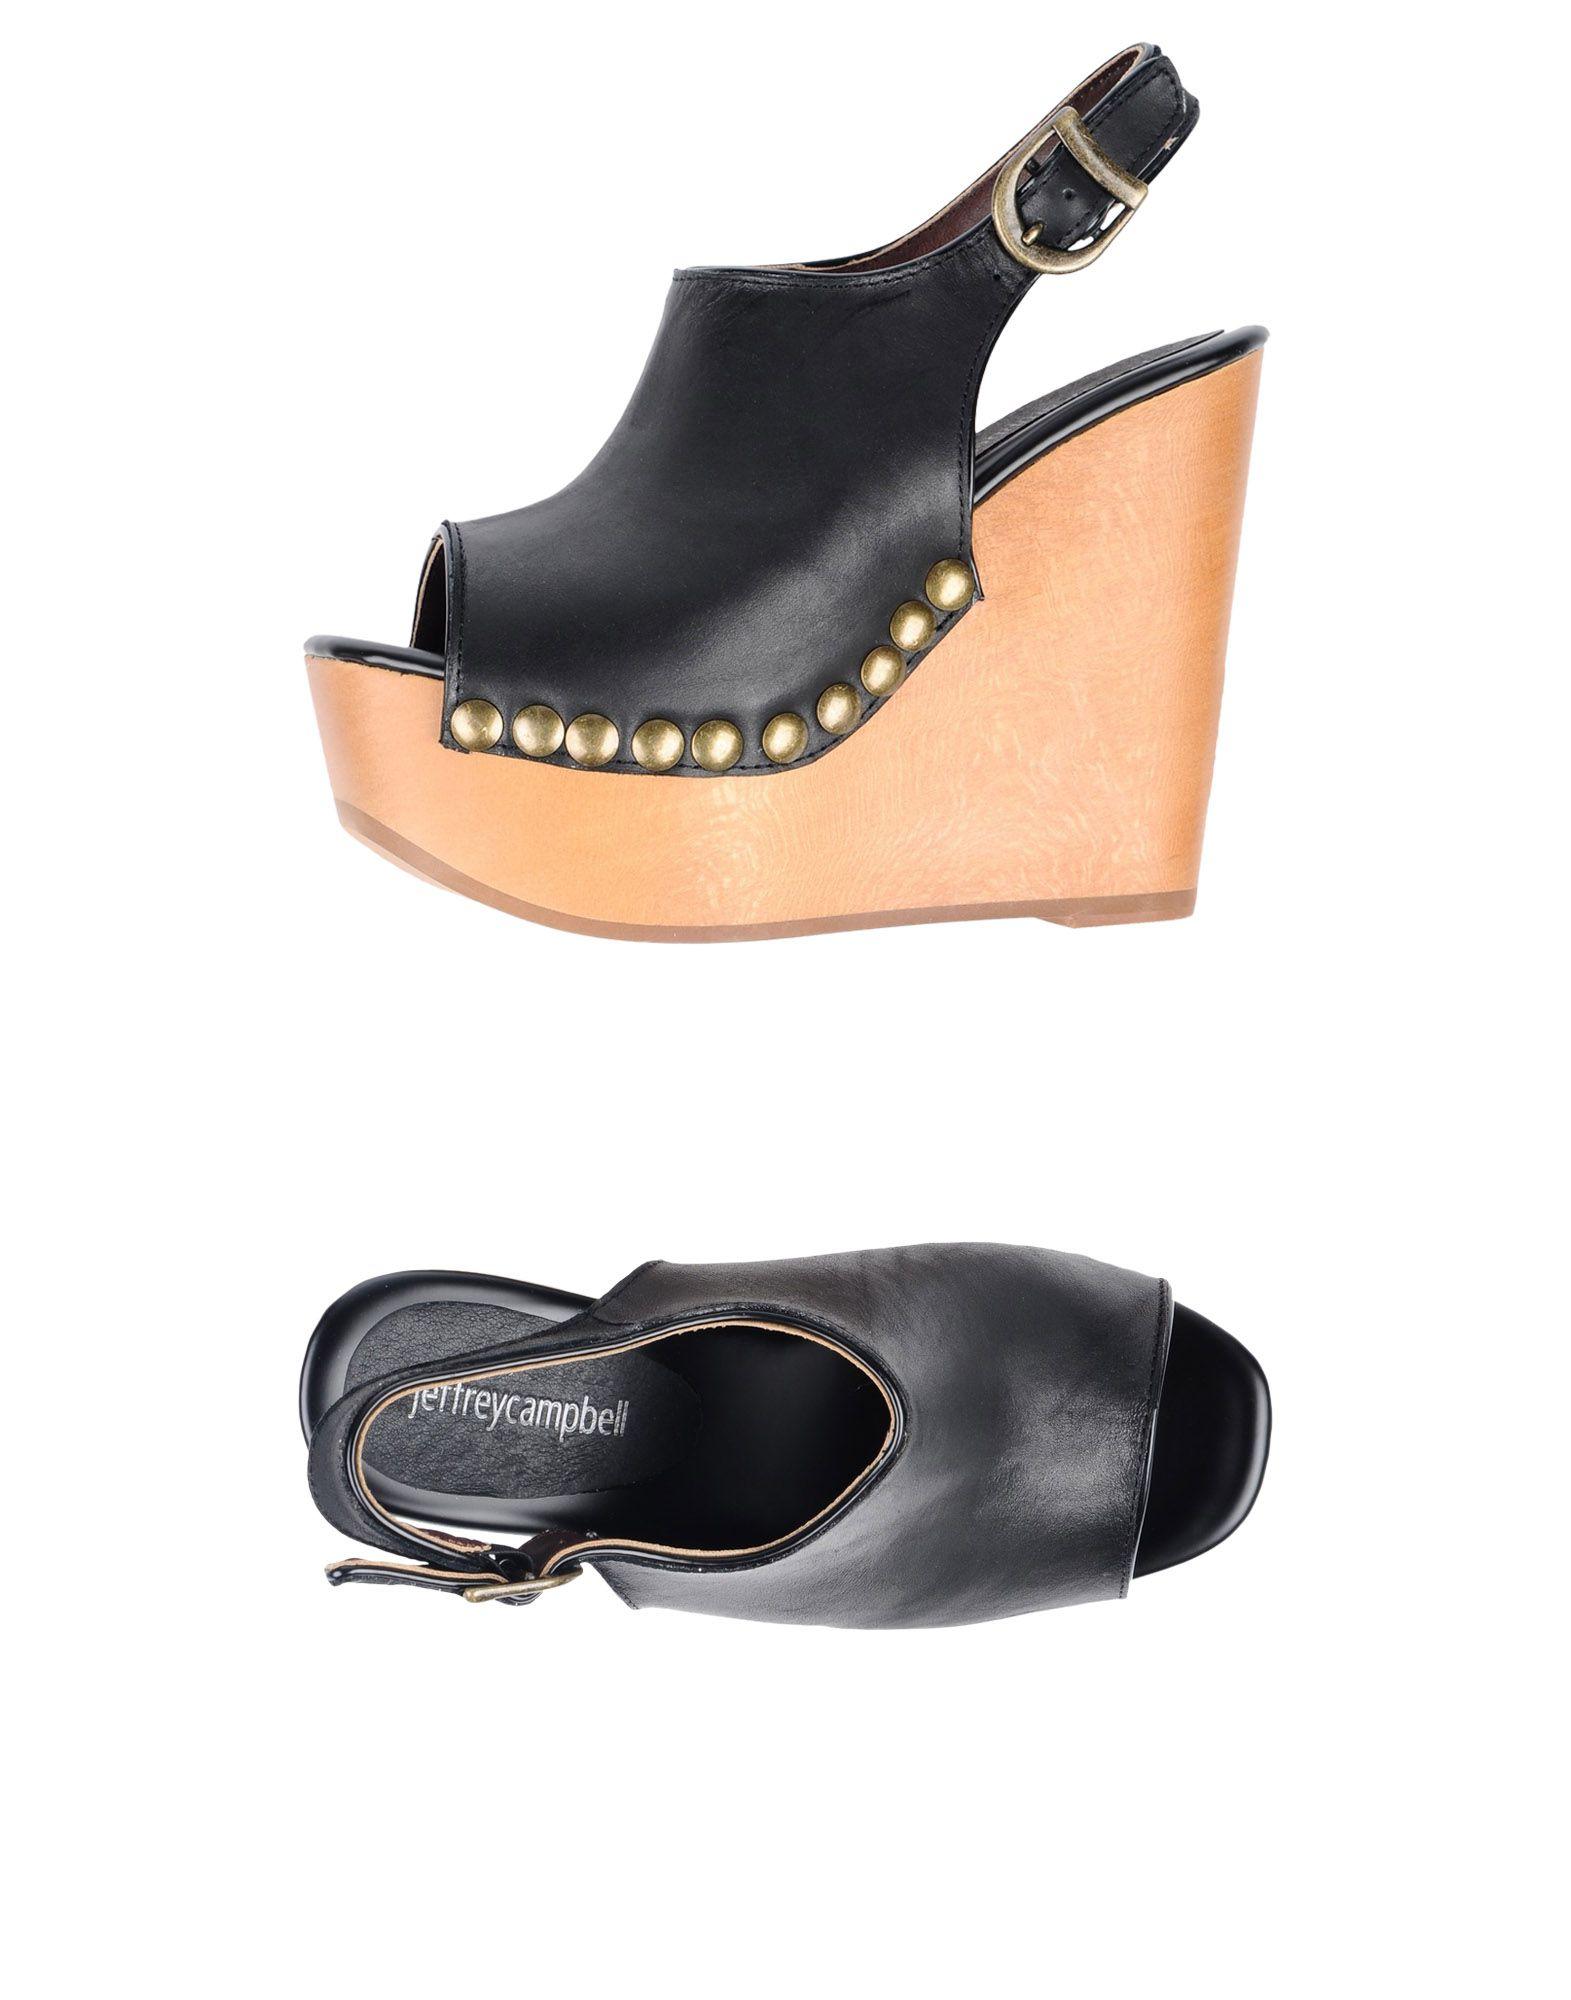 Jeffrey Campbell Sandalen Damen  11340676BC Gute Qualität beliebte Schuhe